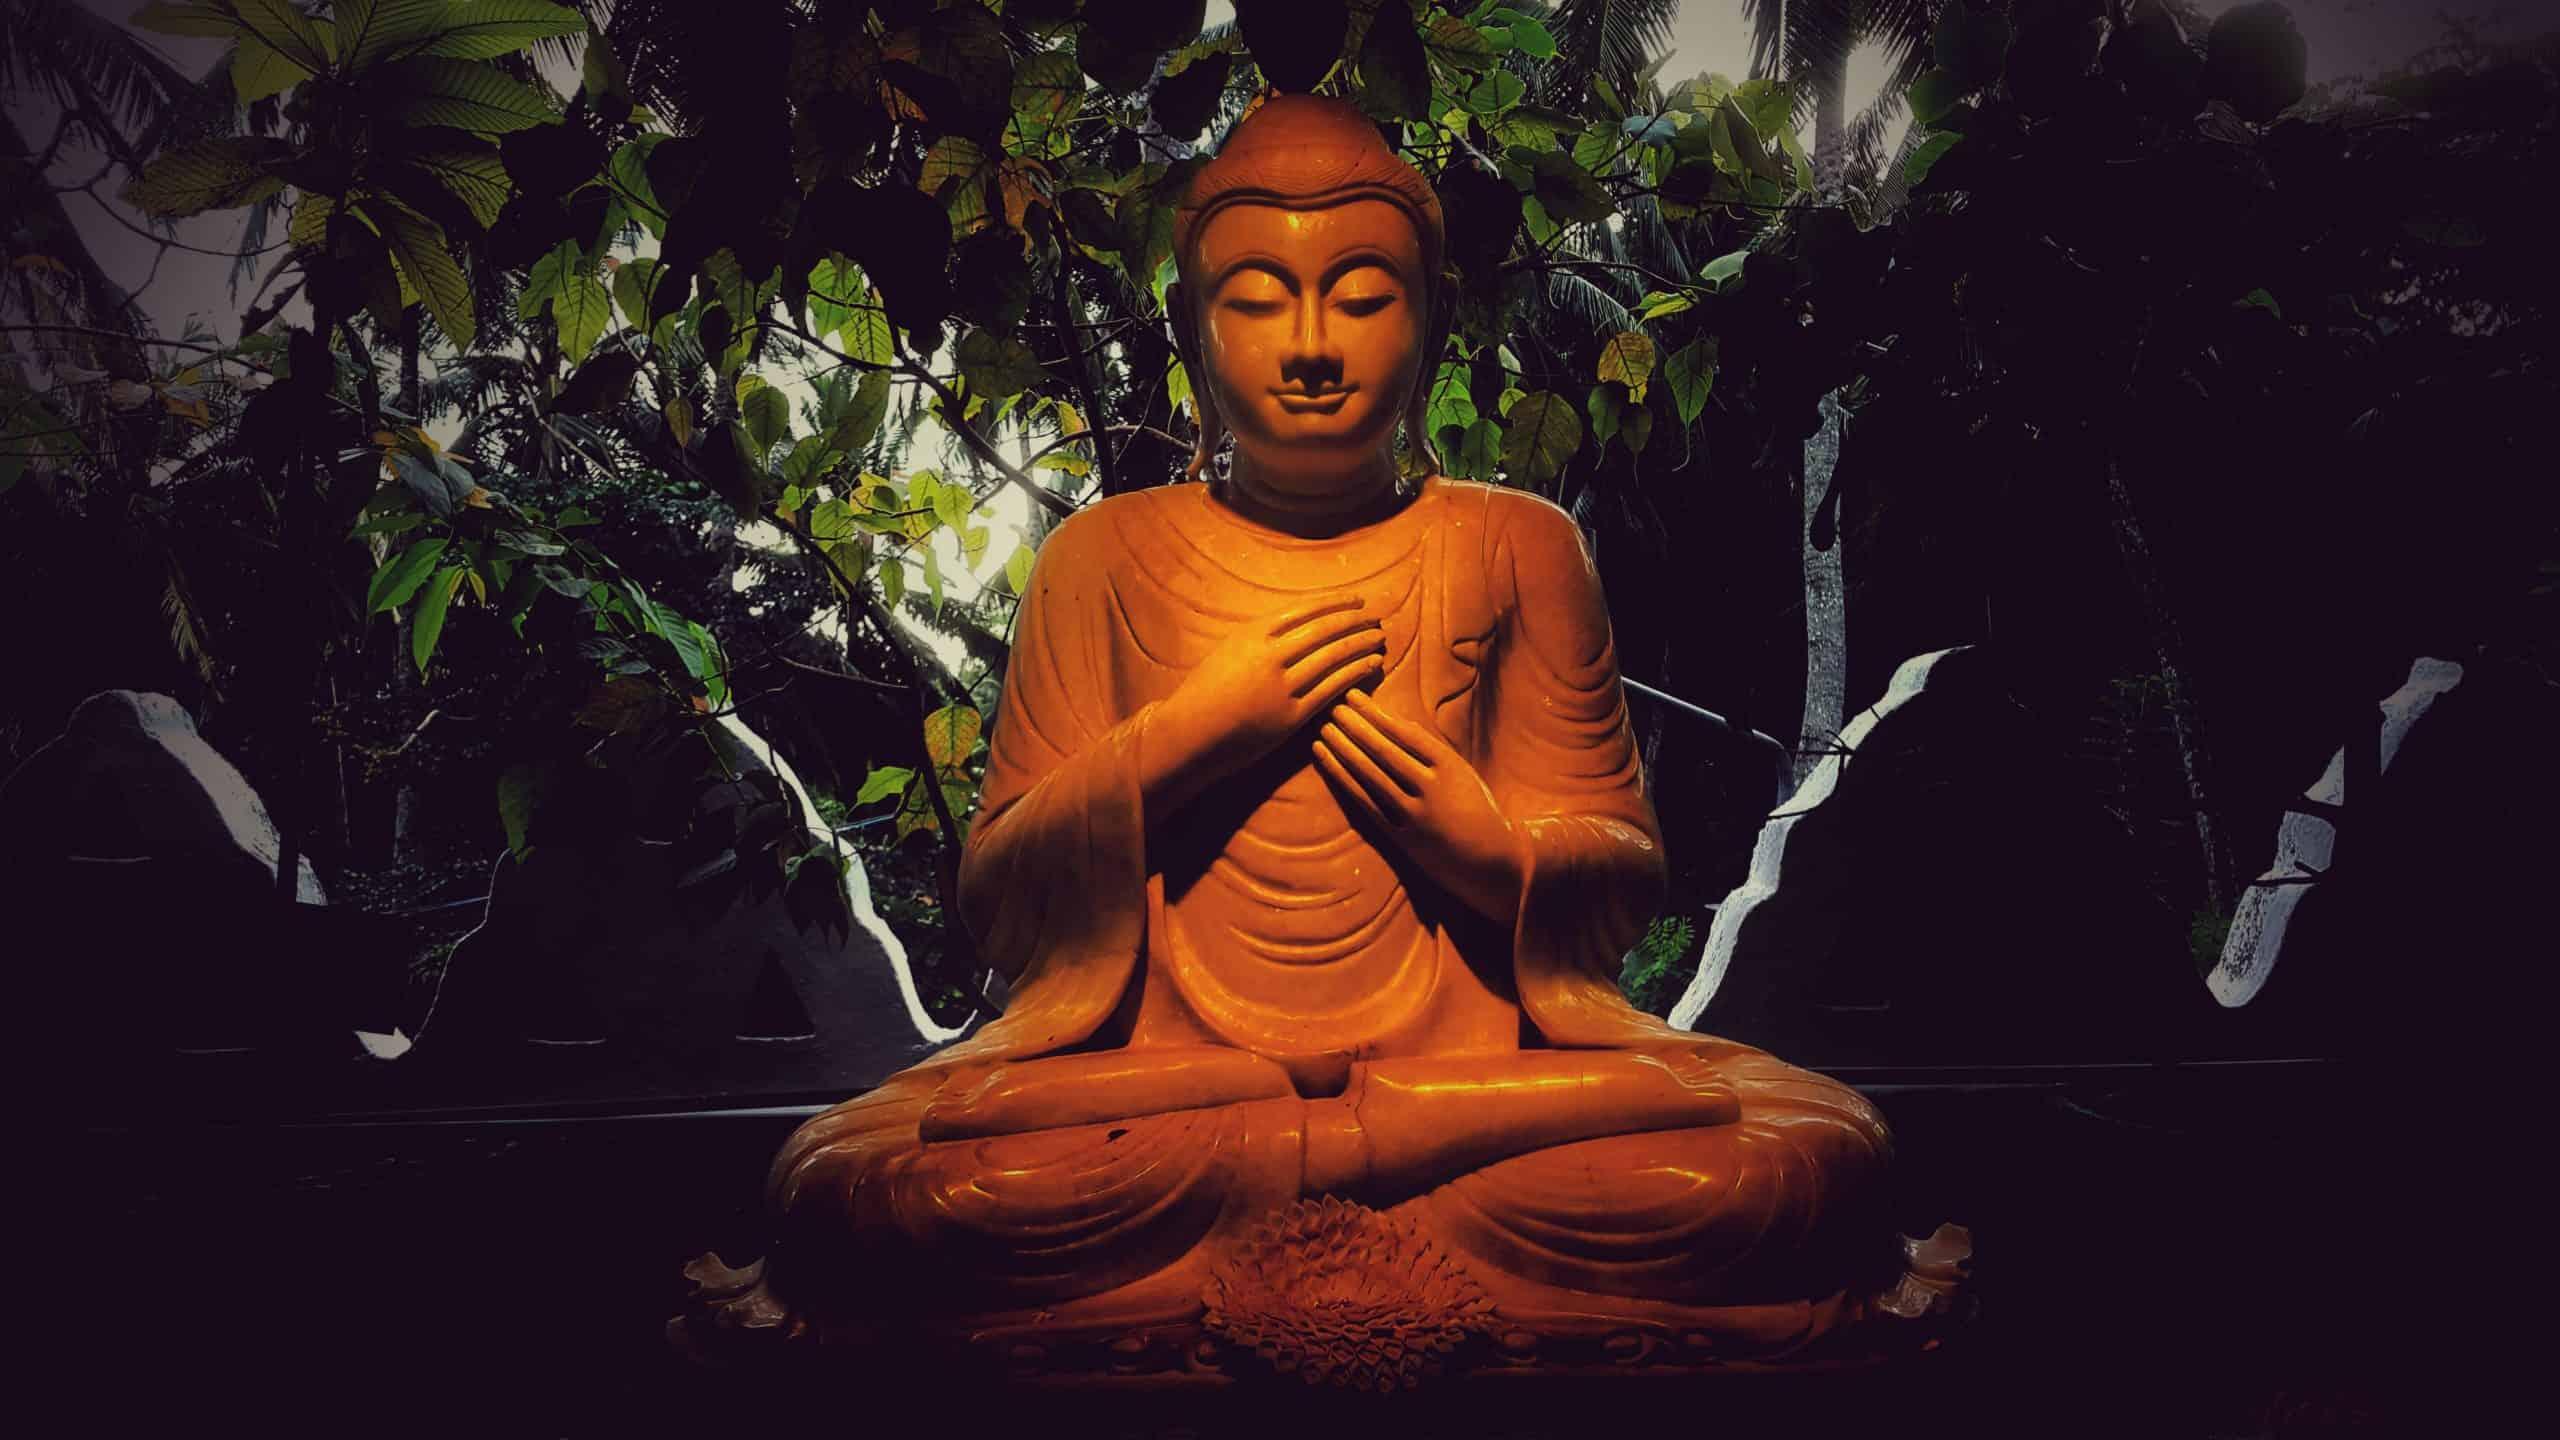 lahiru-supunchandra-Buddha Statue-unsplash